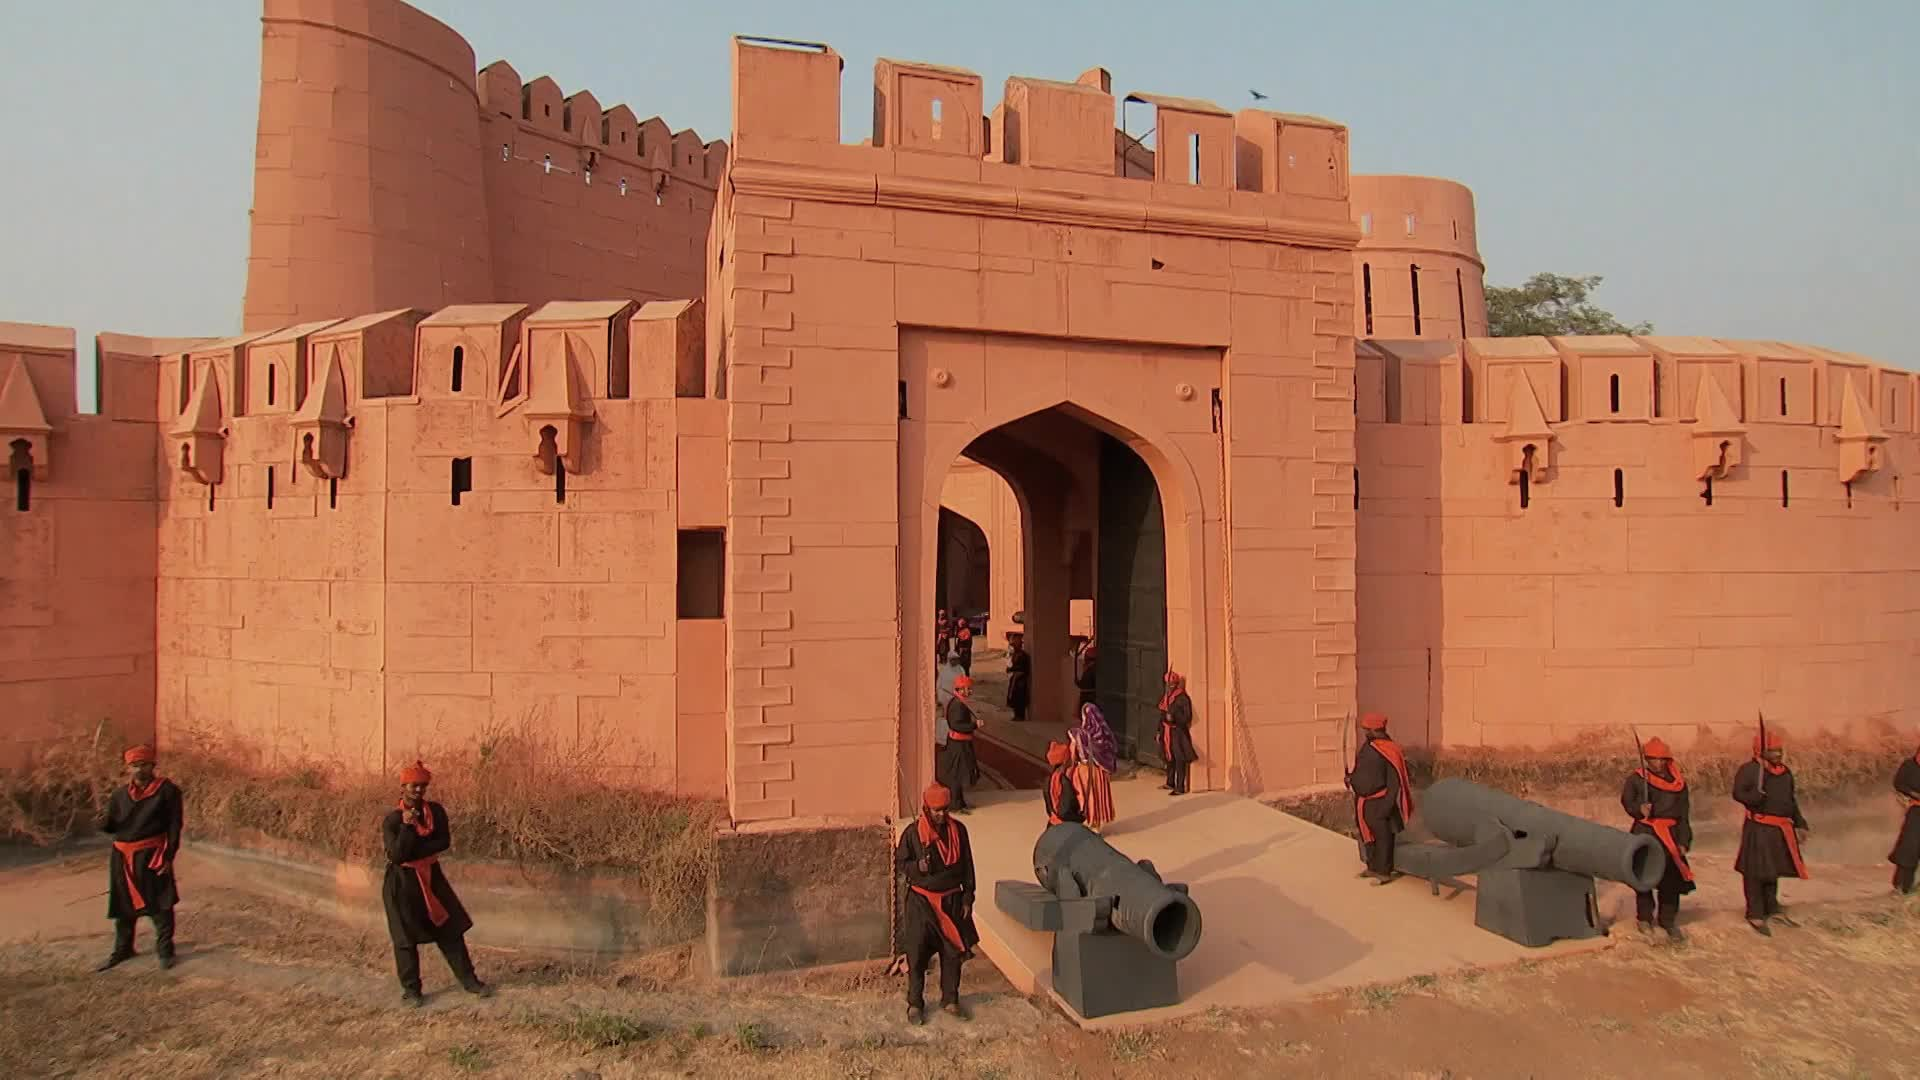 المسلسل الهندي التاريخي جودا أكبر الجزء الثاني (2013) [مدبلج] كامل 1080p تحميل تورنت 10 arabp2p.com